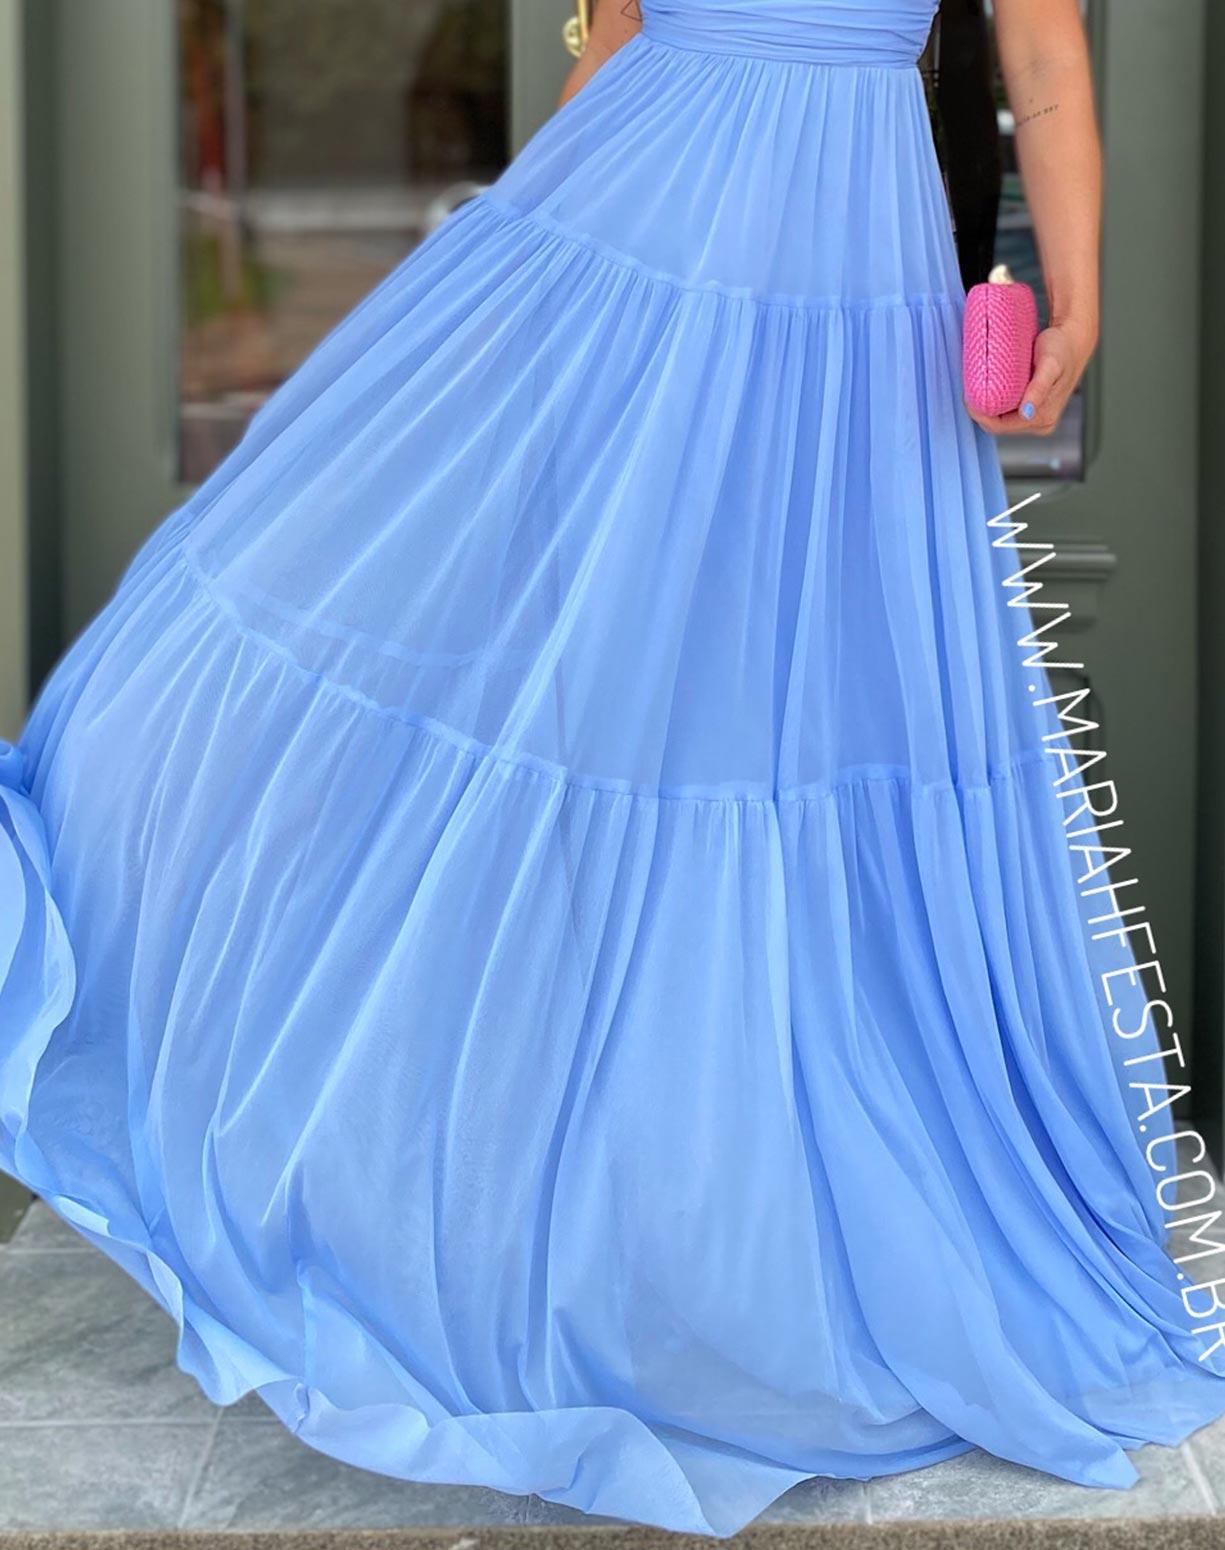 Vestido Azul Serenity Tomara que Caia em Tule